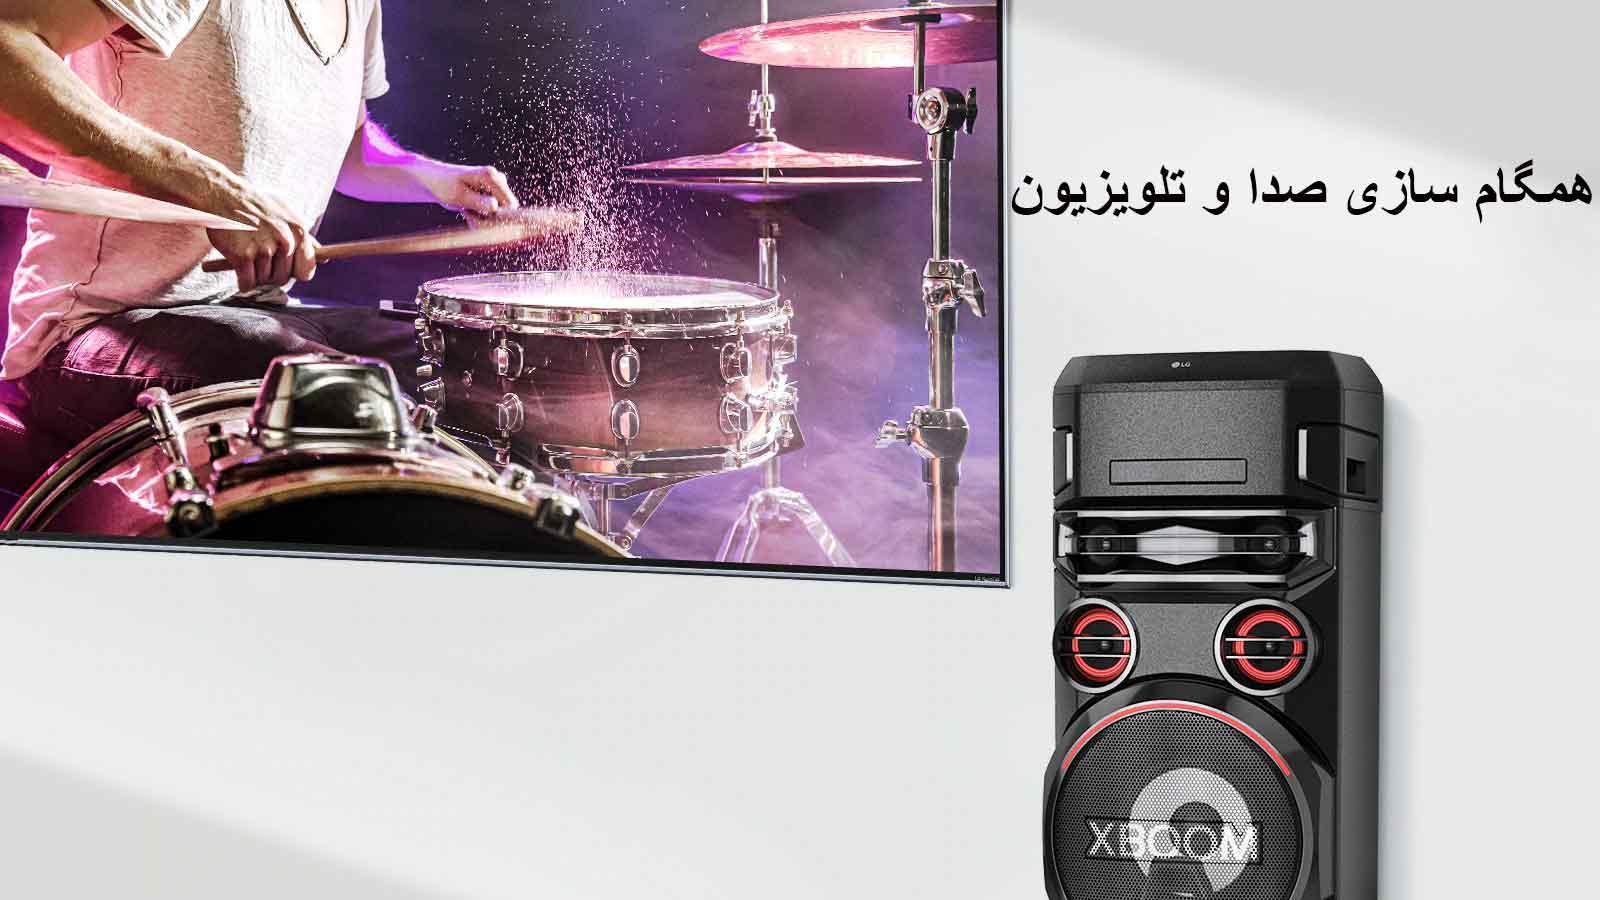 همگام سازی صدا با تلویزیون سیستم صوتی ال جی on7